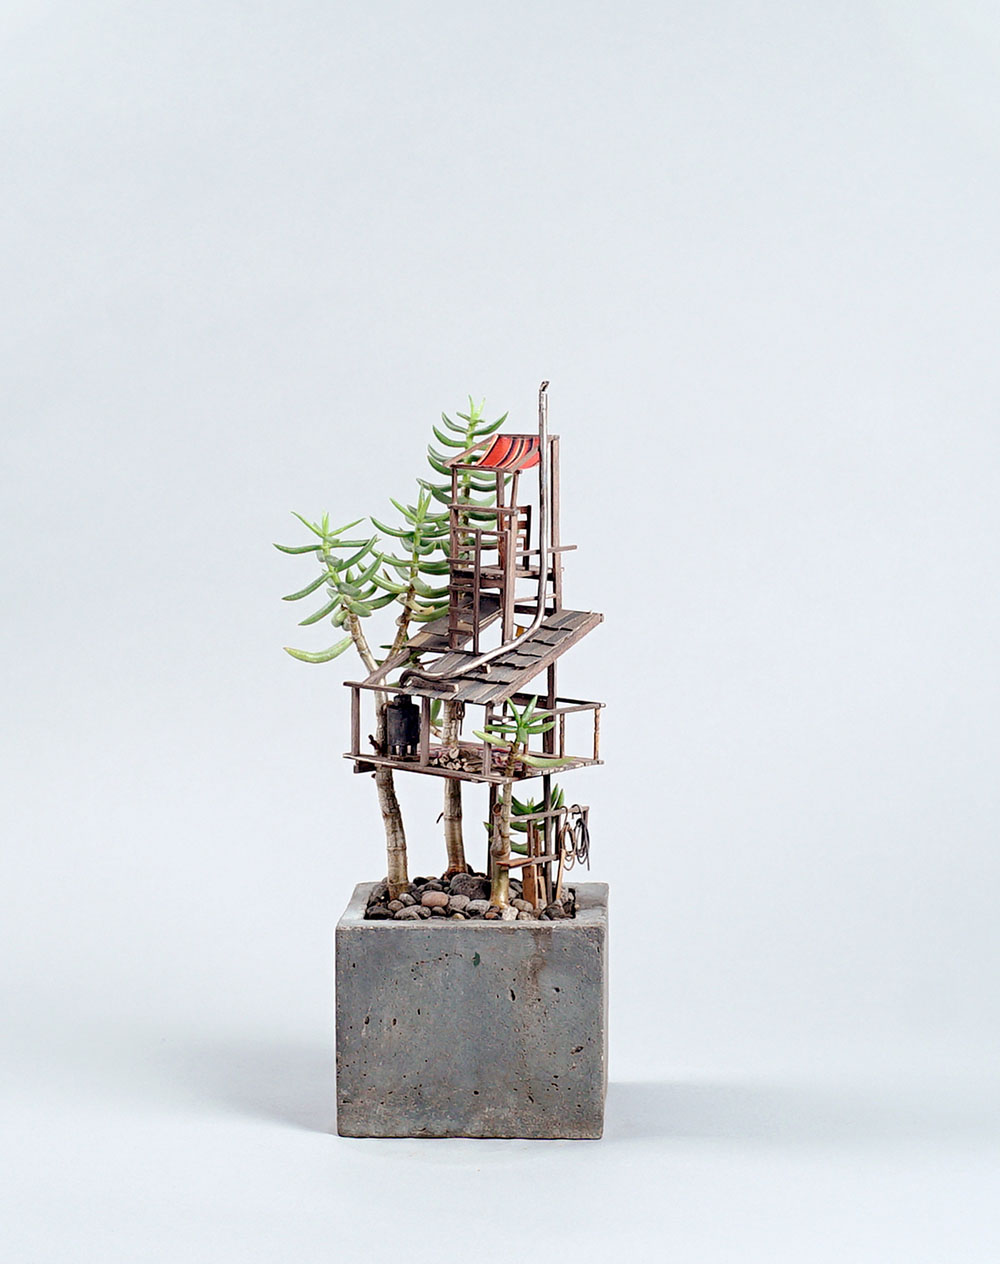 Miniature Sculptures Plant Decor on Succulent in Square Concrete Pot Jedediah Voltz